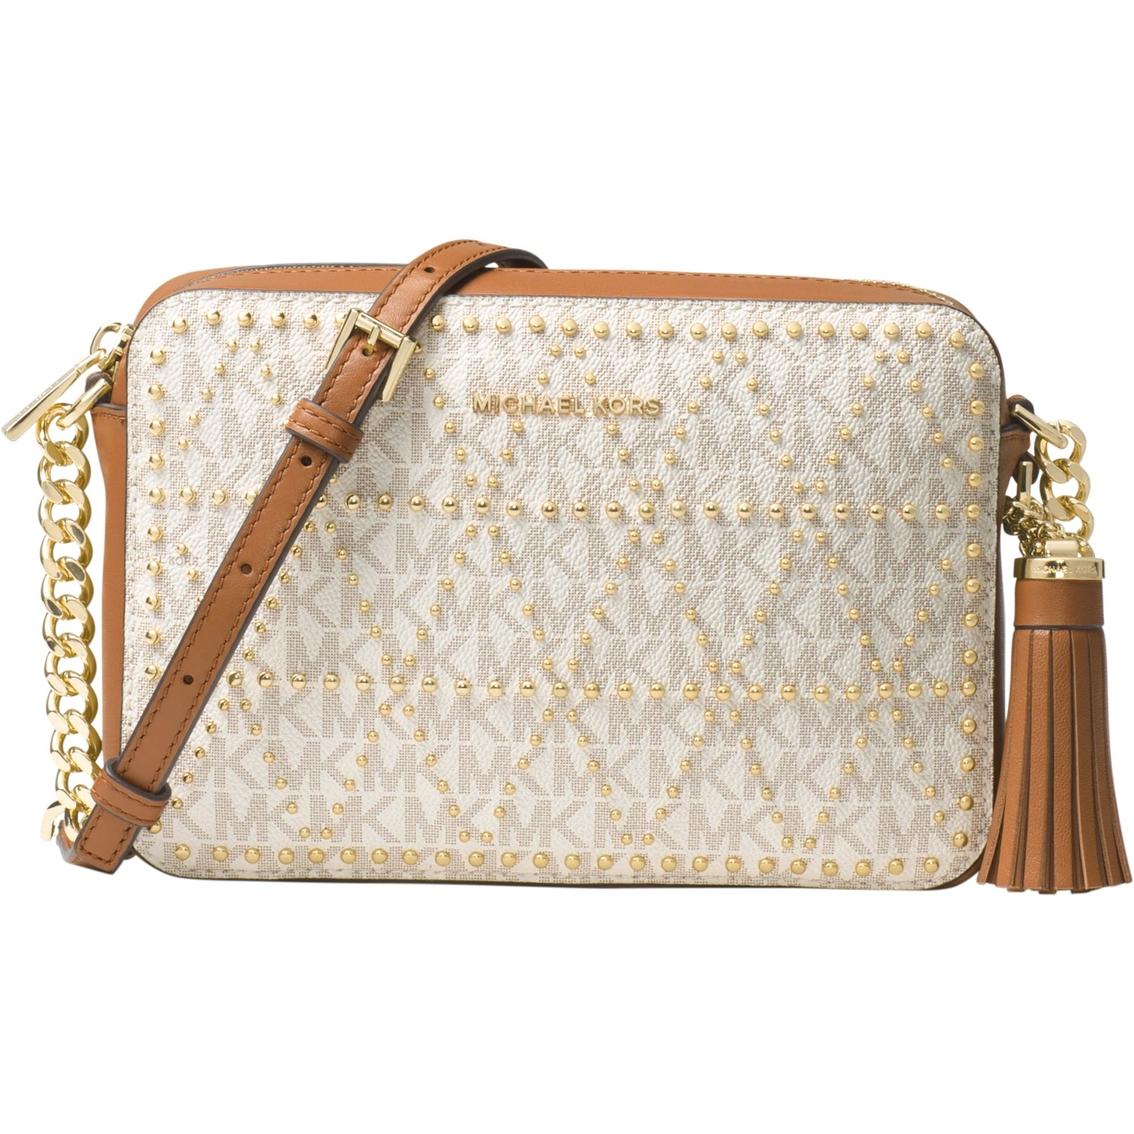 2980ffee086e Michael Kors Ginny Medium Camera Bag